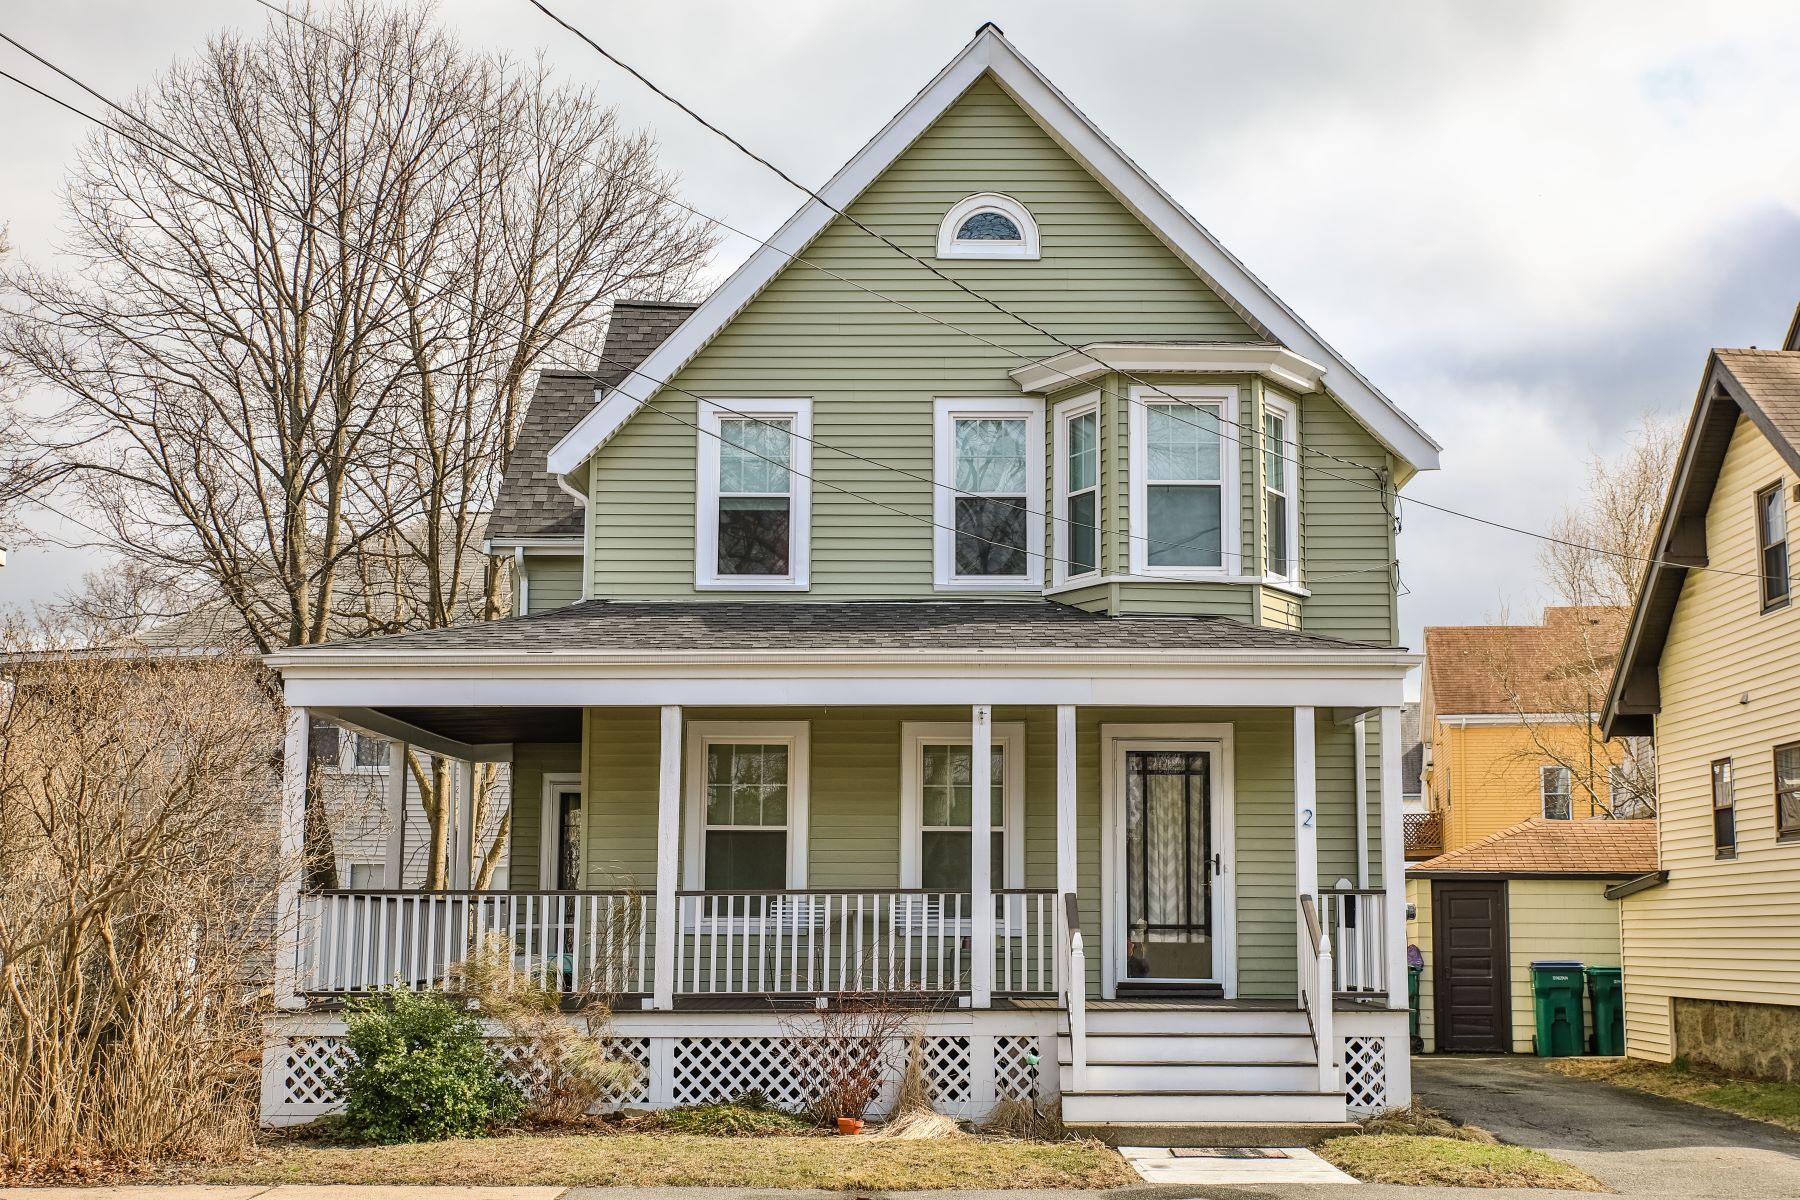 Single Family Home for Sale at 2 Erie St, Lynn 2 Erie St Lynn, Massachusetts 01902 United States